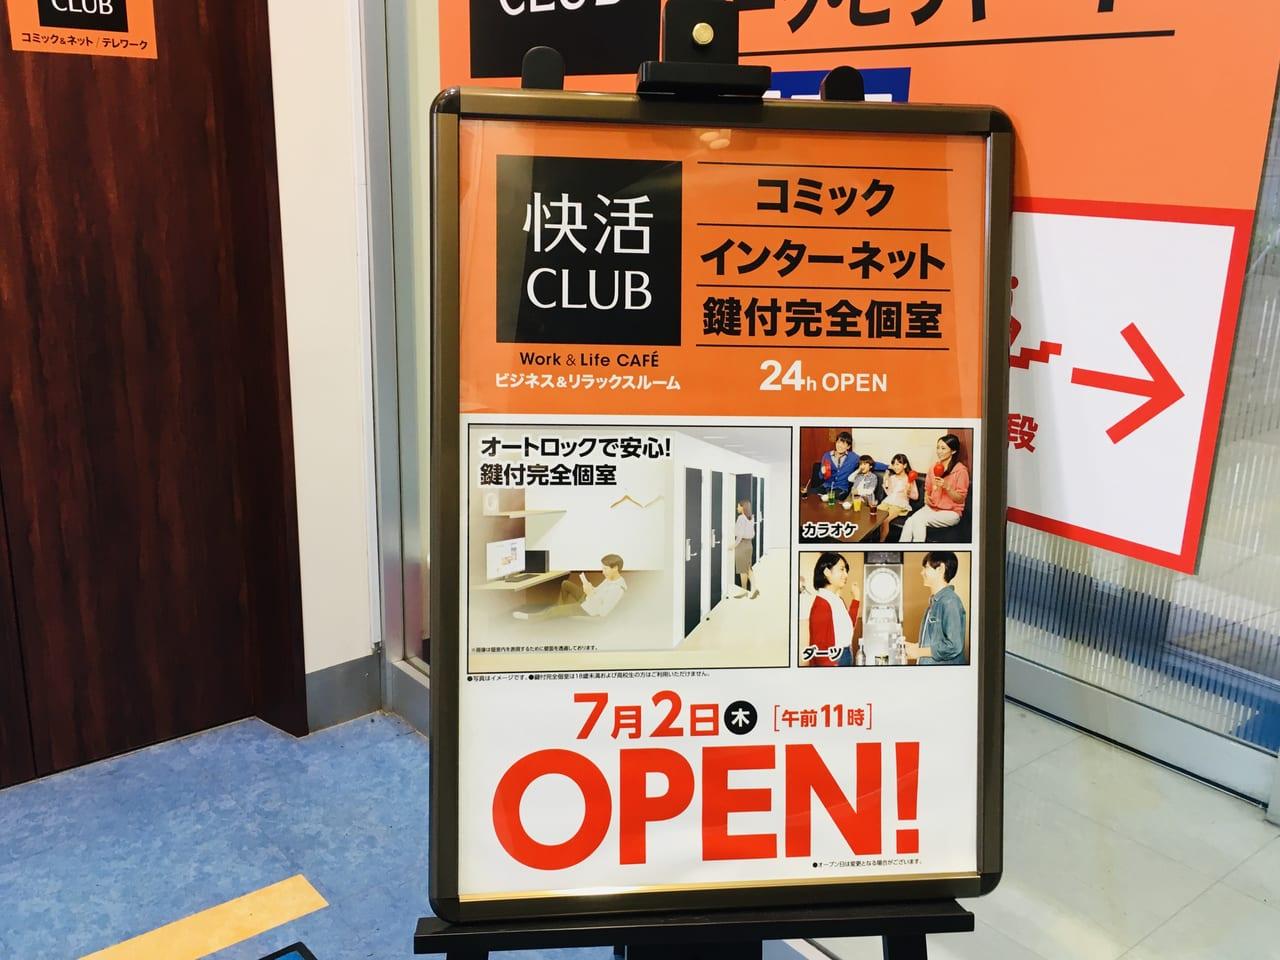 クラブ 平塚 快活